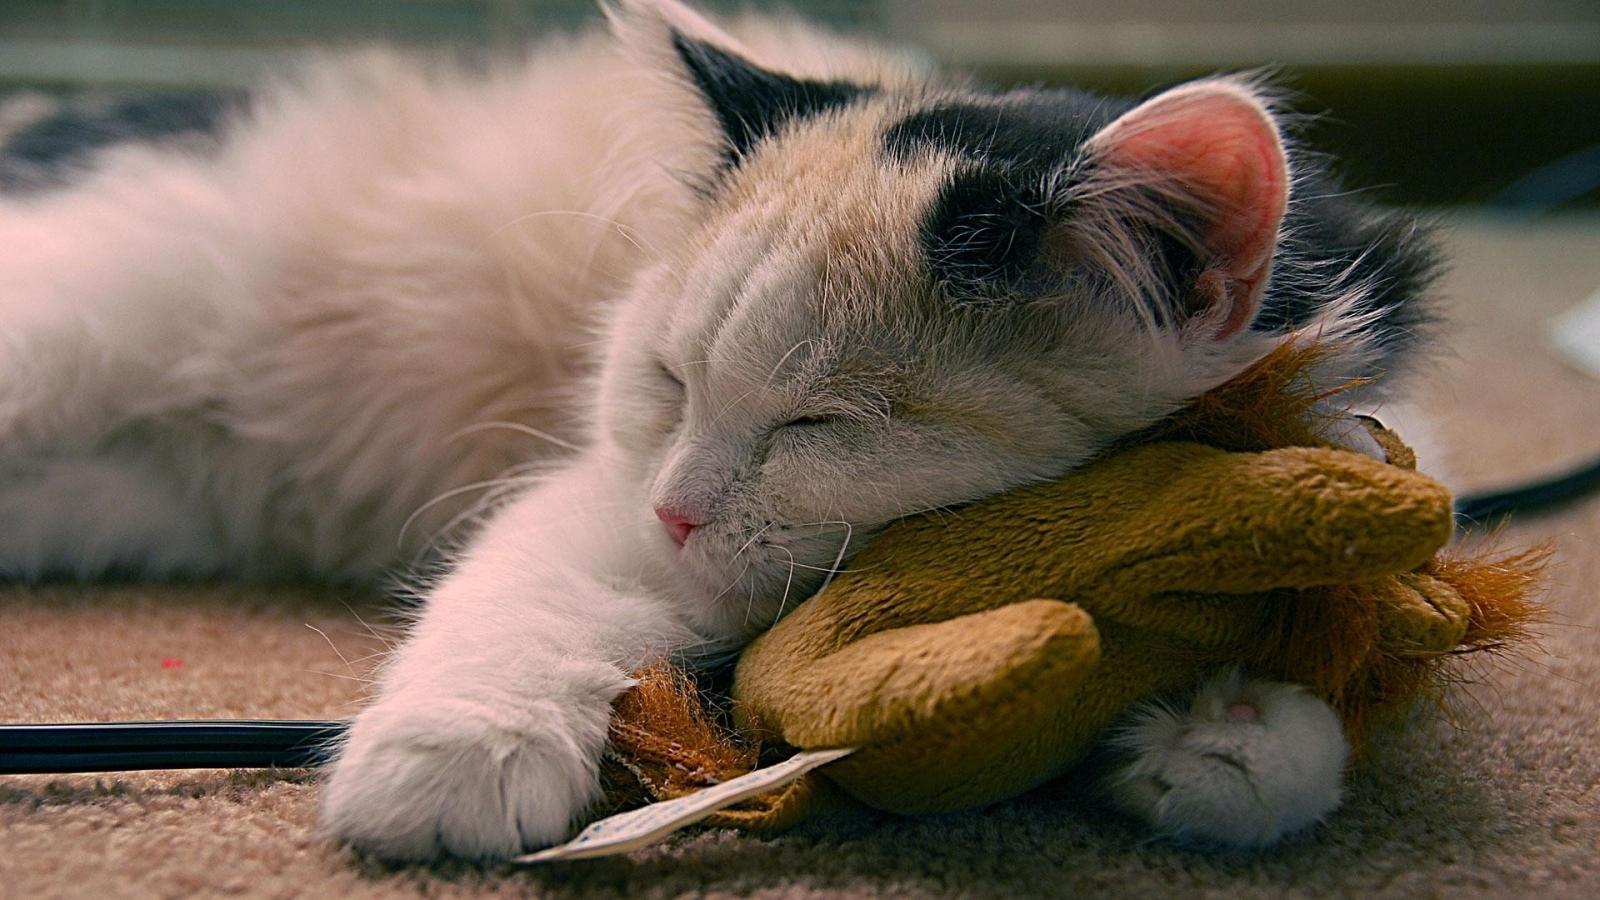 Un gato durmiendo - 1600x900